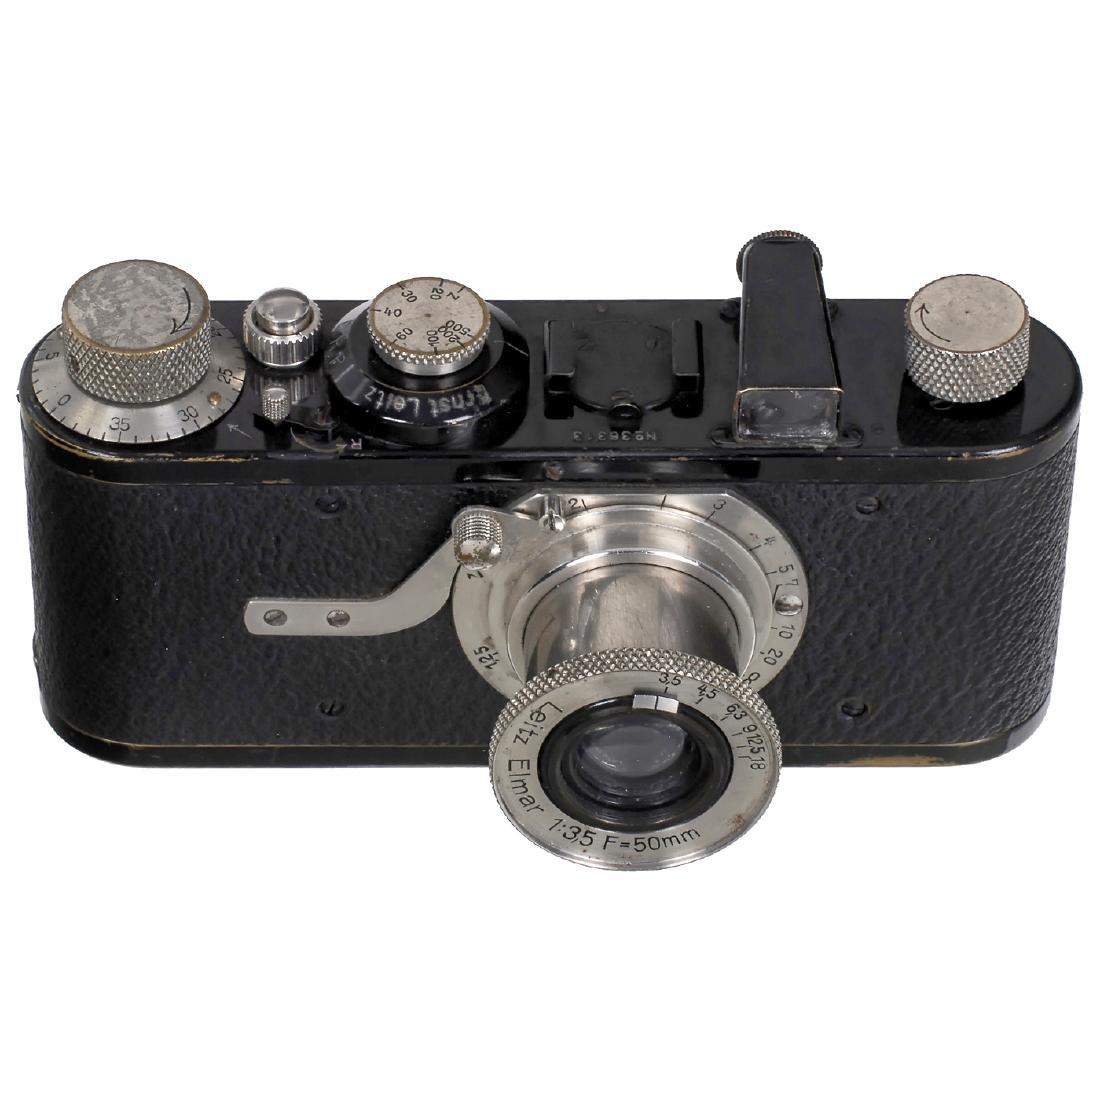 Leica I (A) with Elmar, 1930